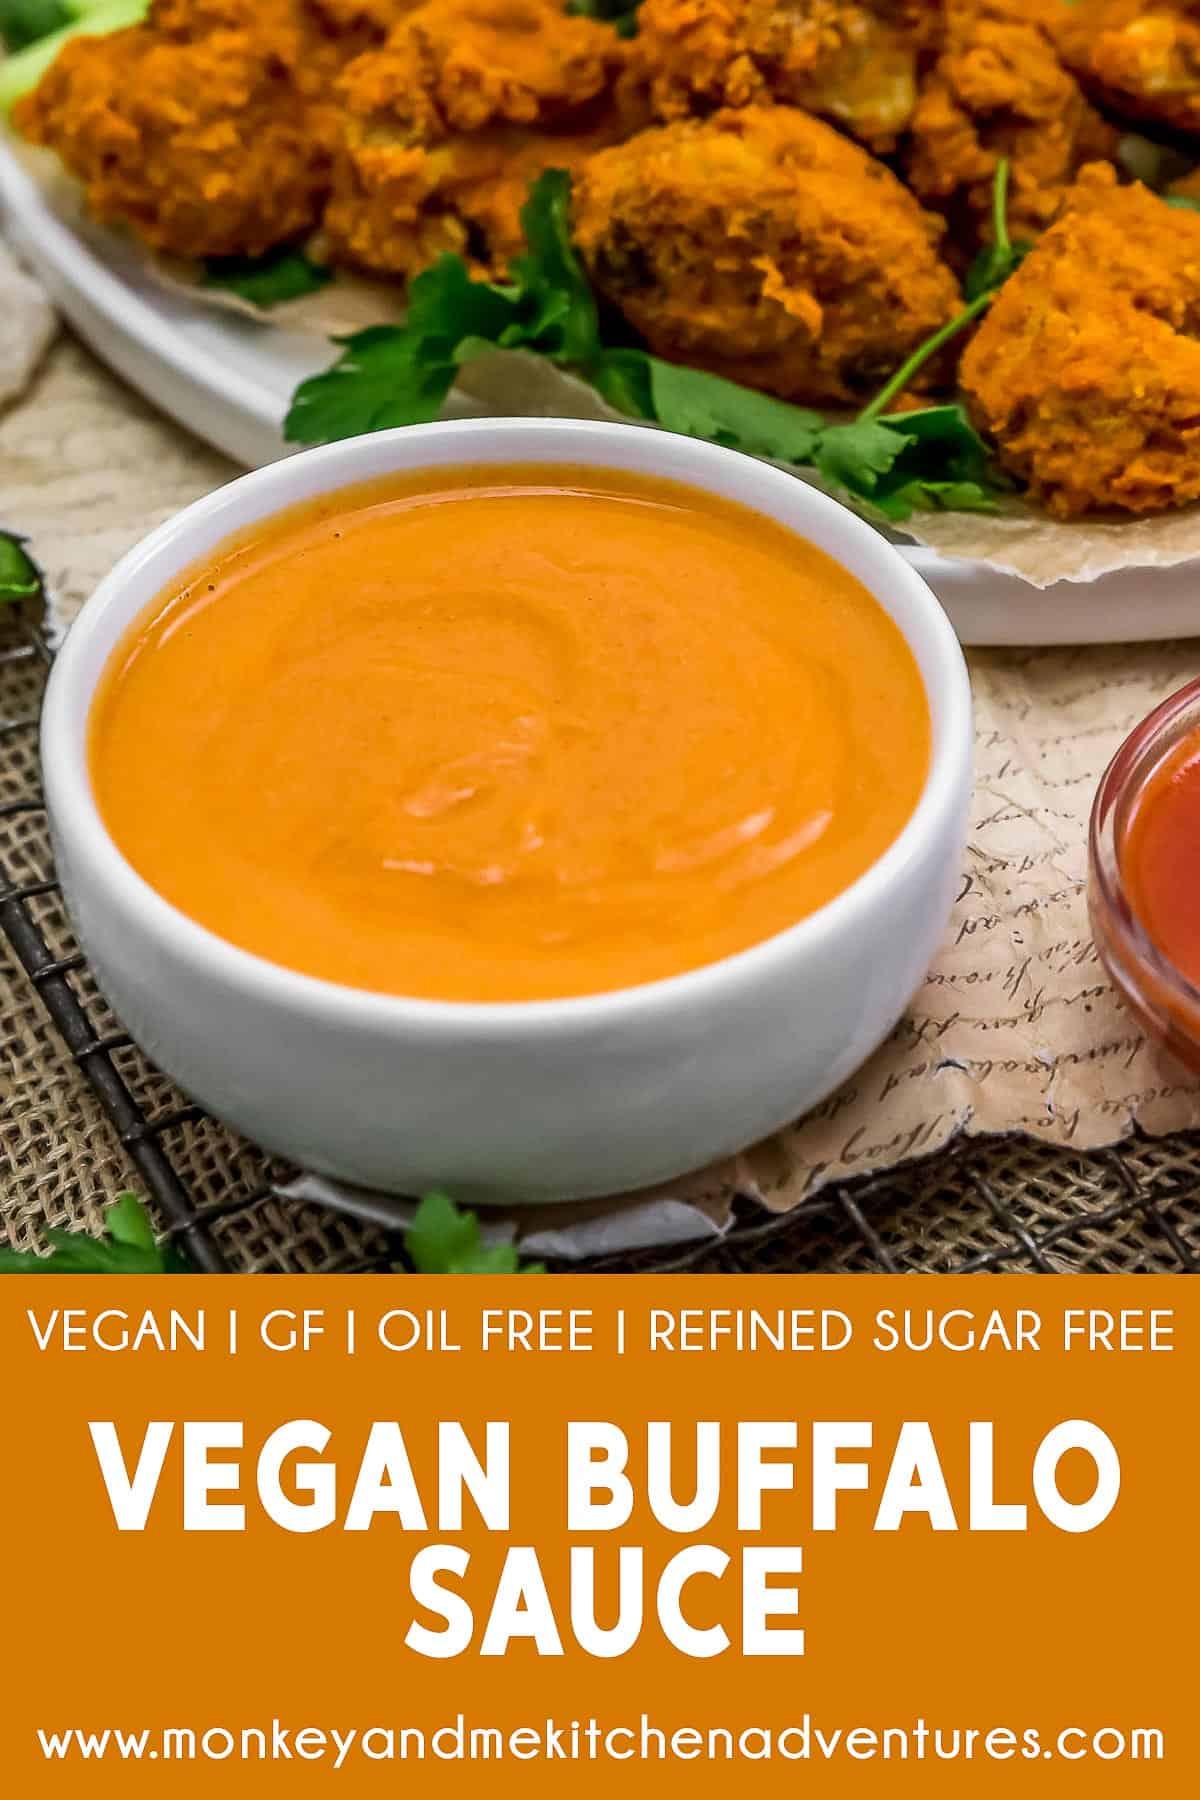 Vegan Buffalo Sauce with text description